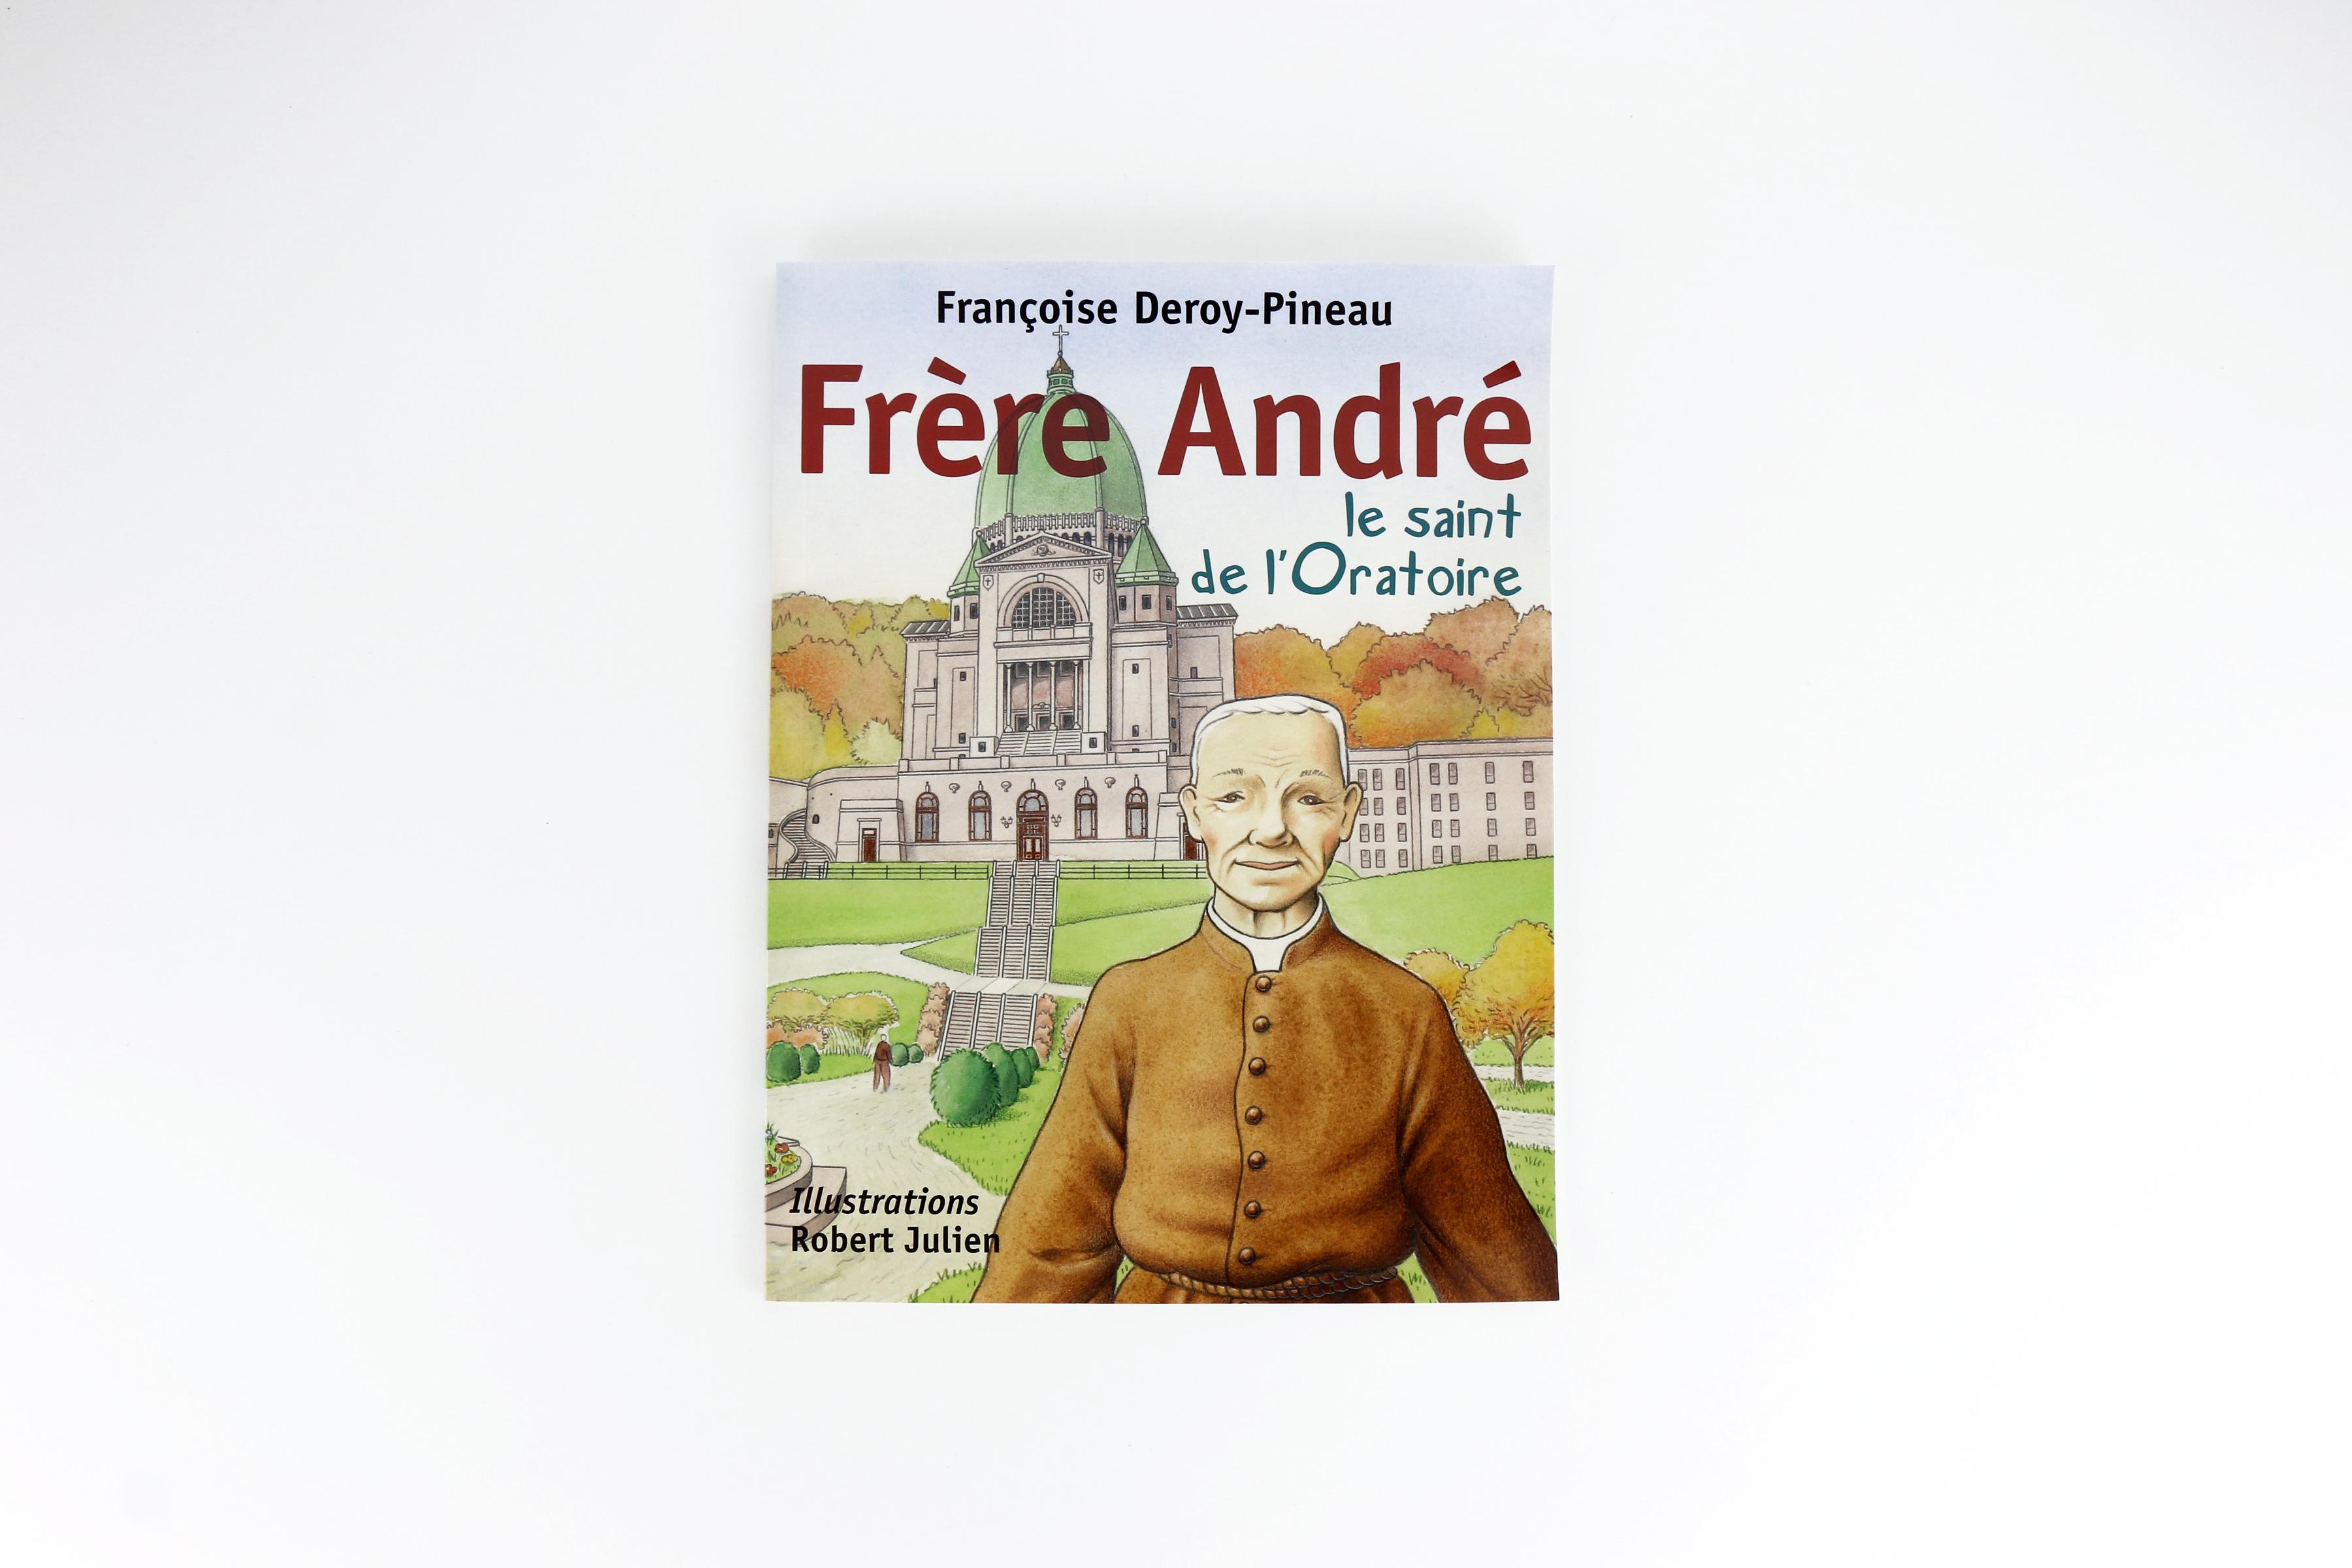 Frère André, le saint de l'Oratoire / Brother André, Saint of the Oratory